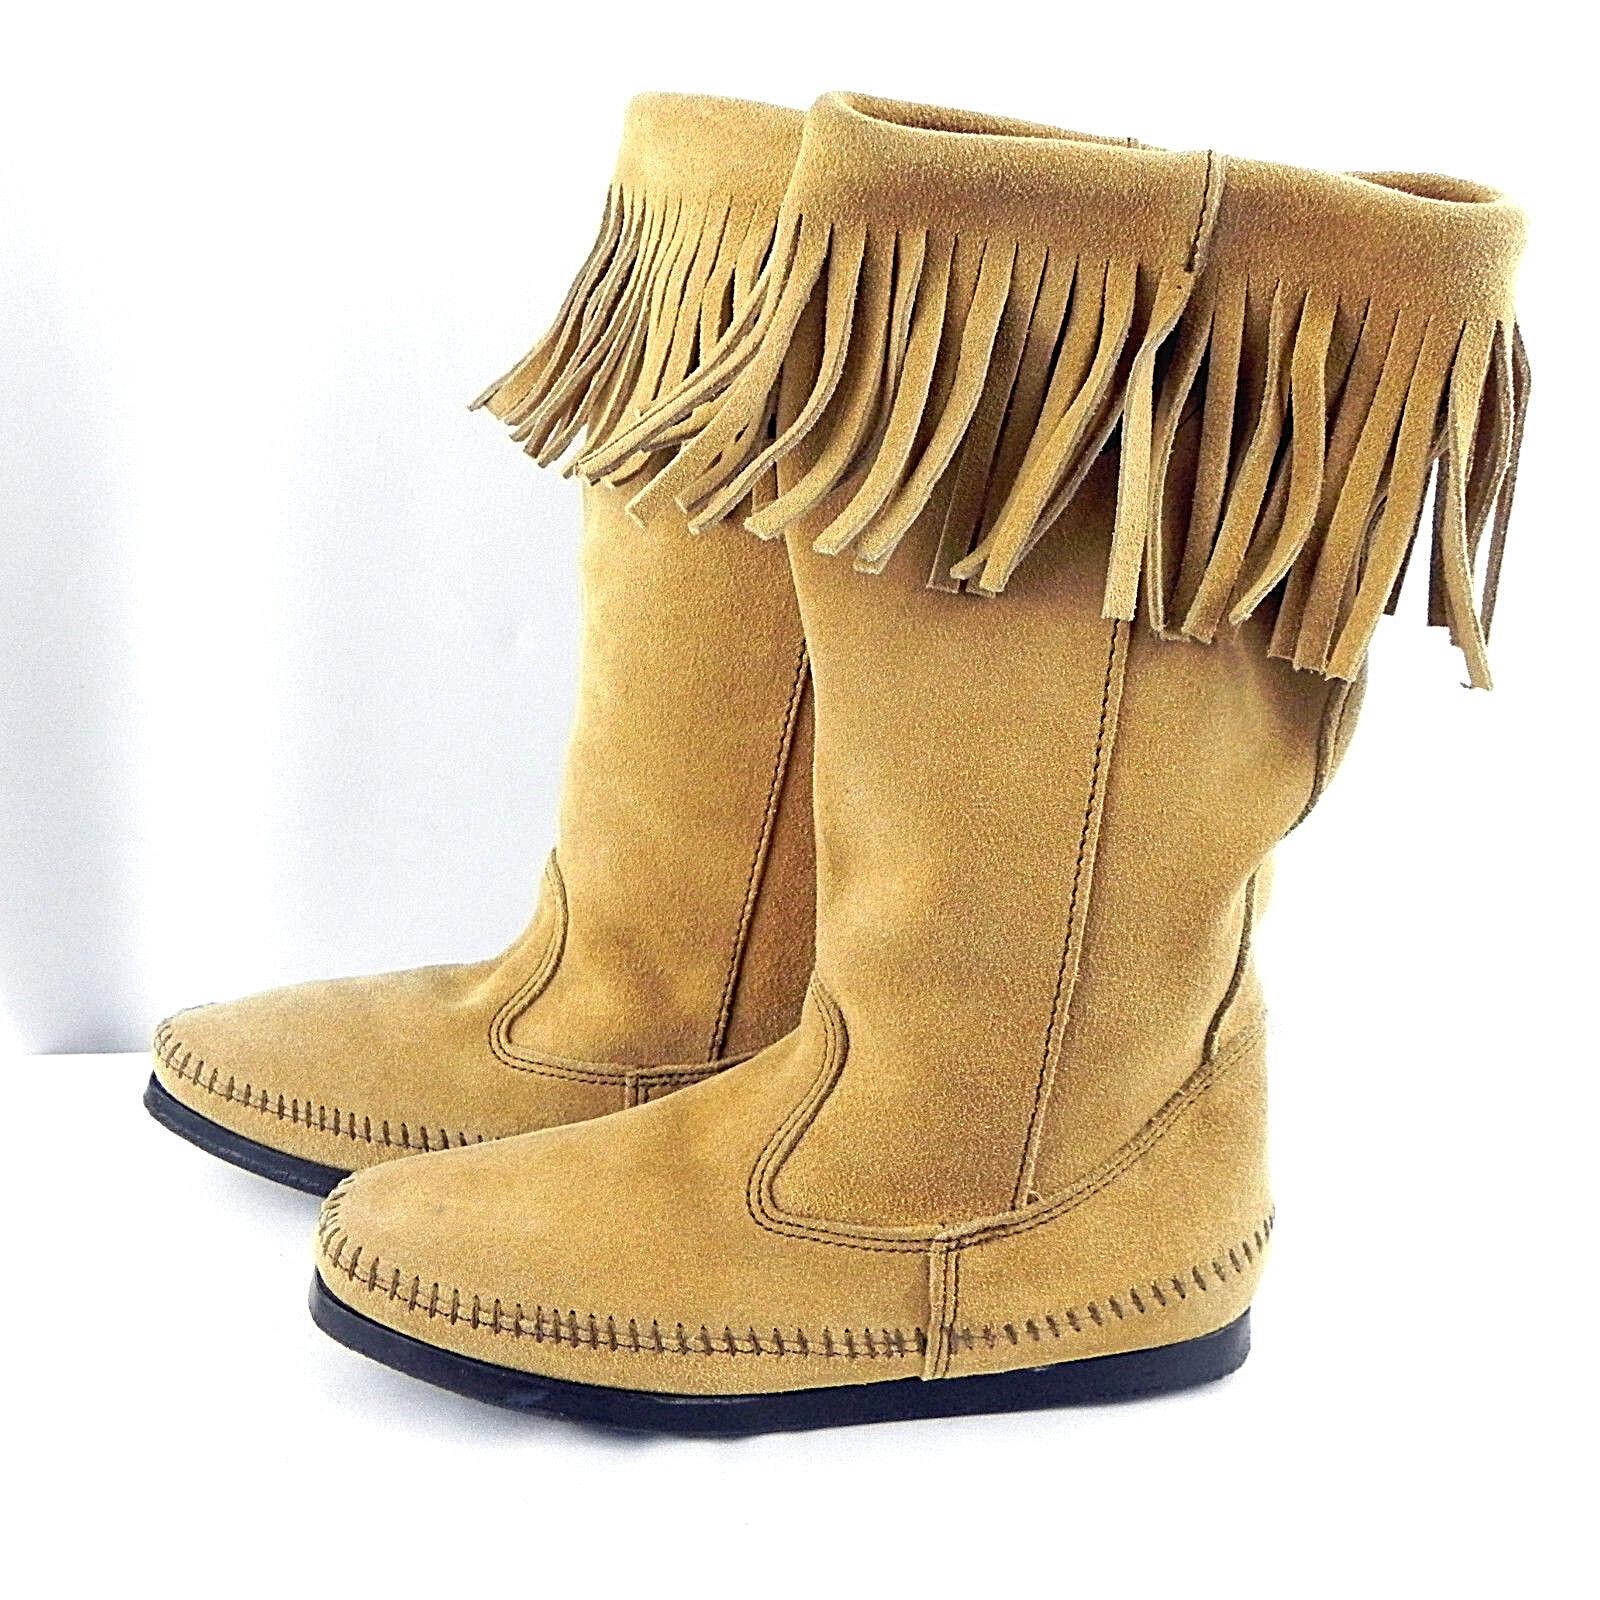 botas con flecos de de de gamuza para mujer 7 Minnetonka moccasins  grandes ahorros